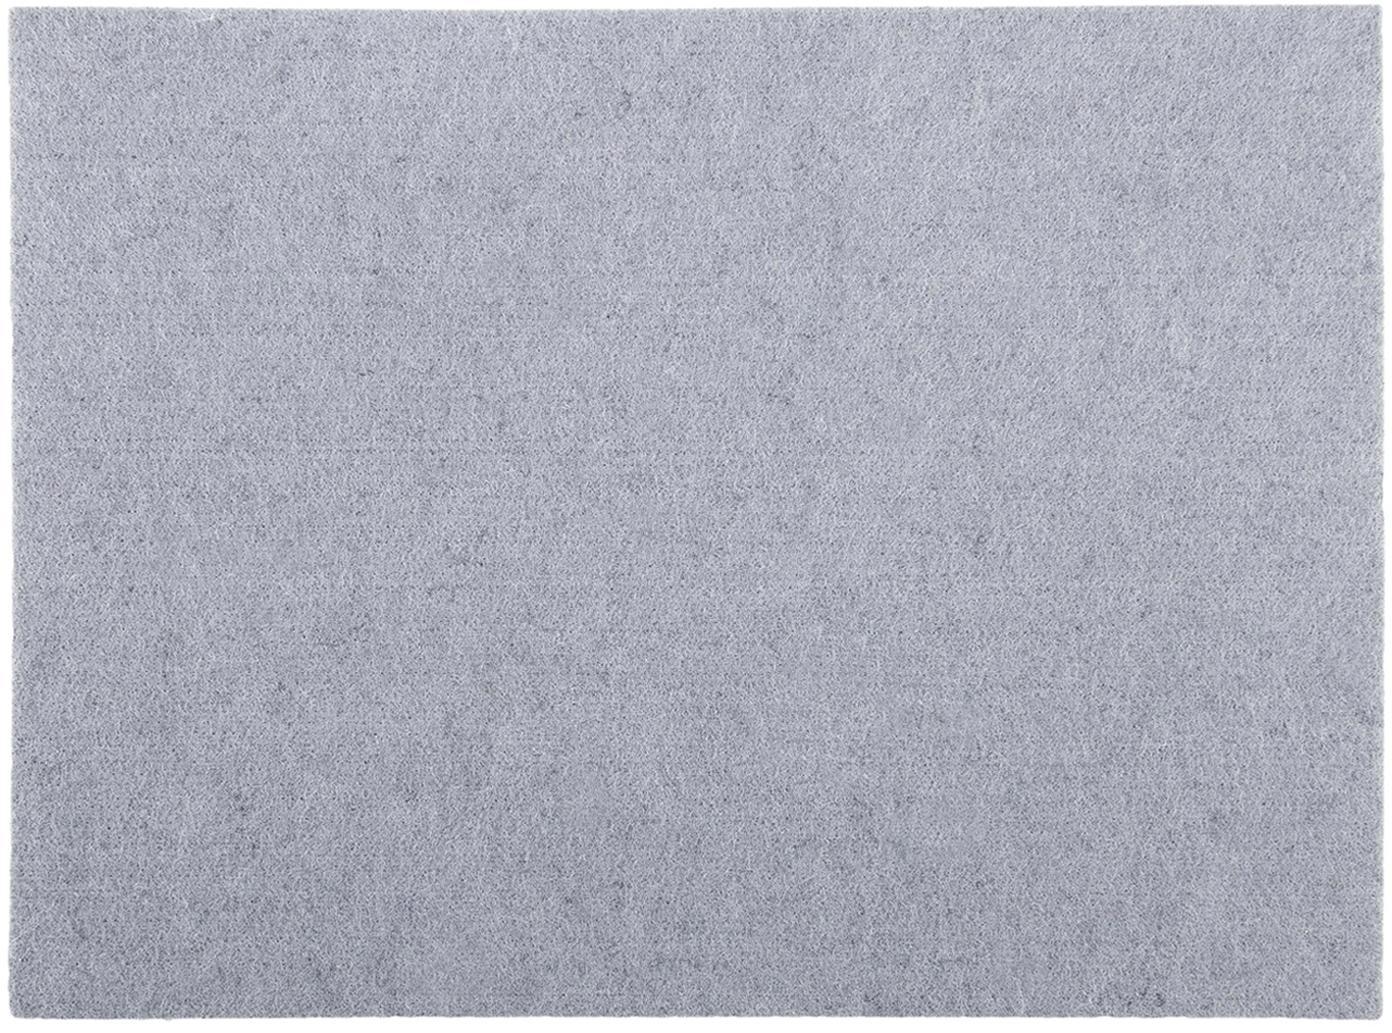 Manteles individuales de fieltro Felto, 2uds., Fieltro (poliéster), Gris, An 33 x L 45 cm